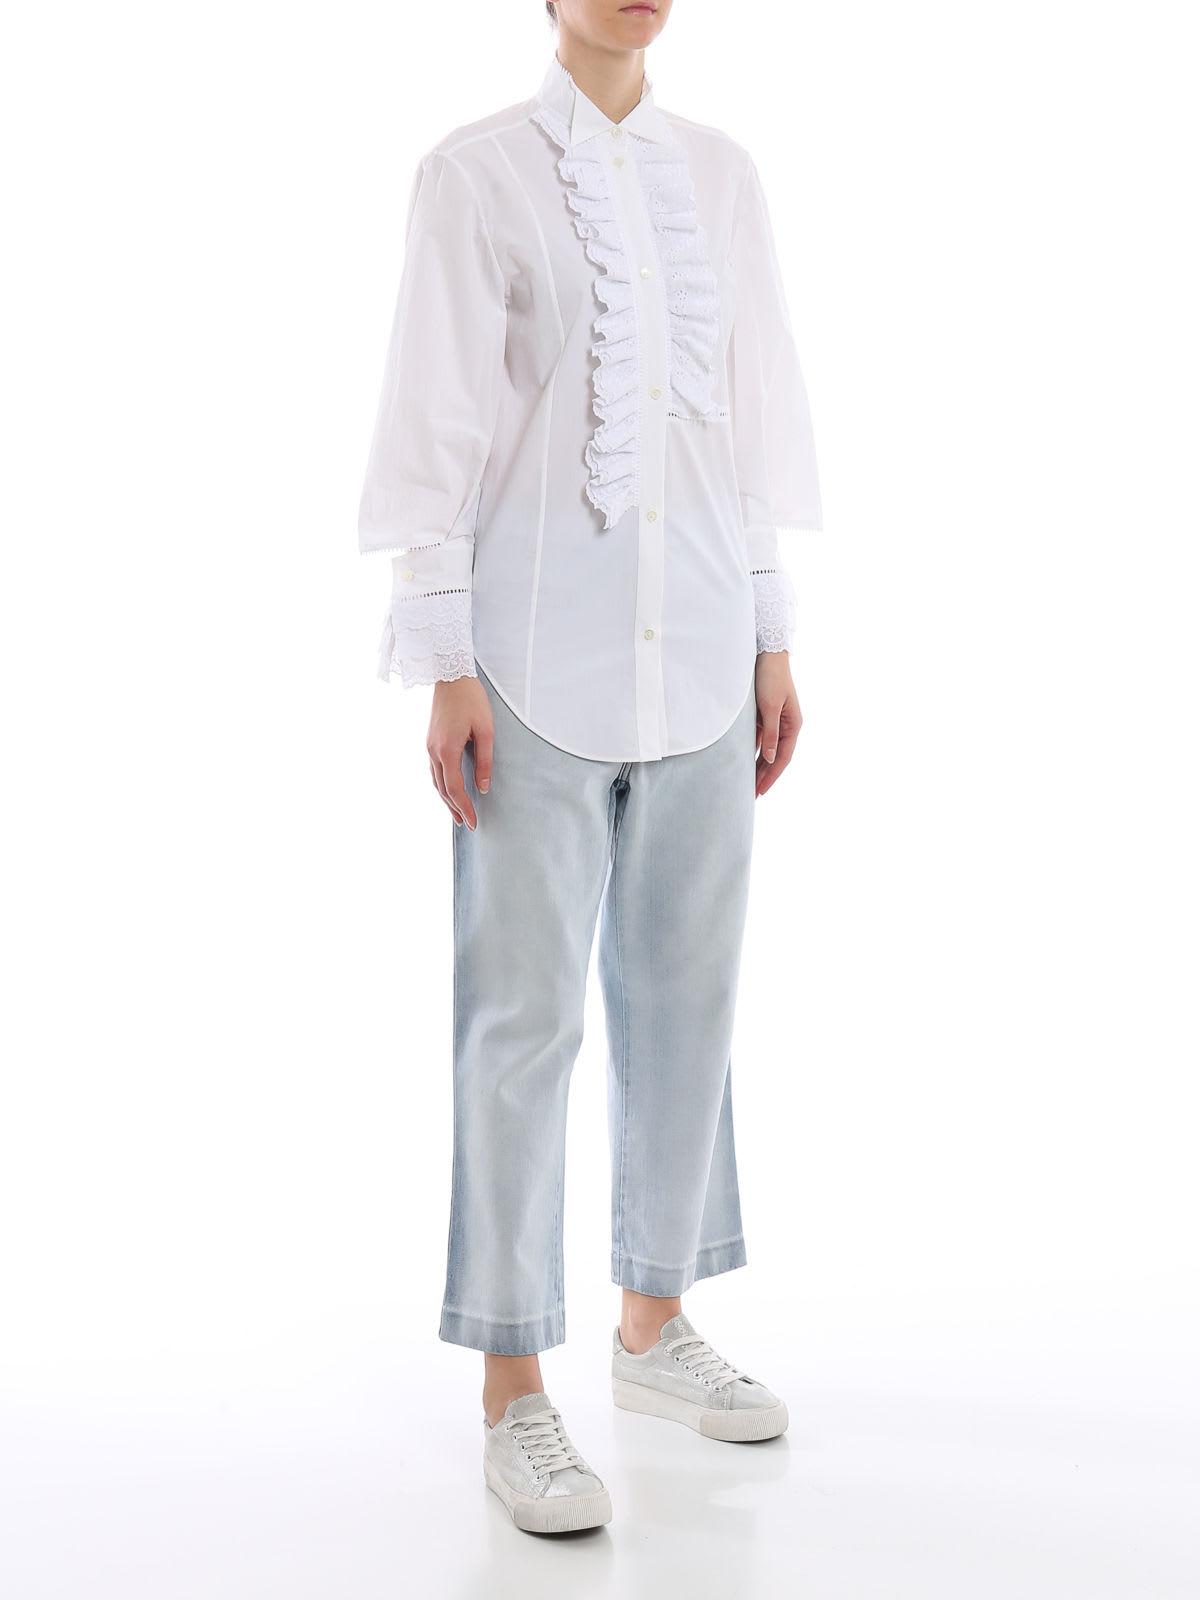 4c414cf2753 Loewe Ruffled Shirt